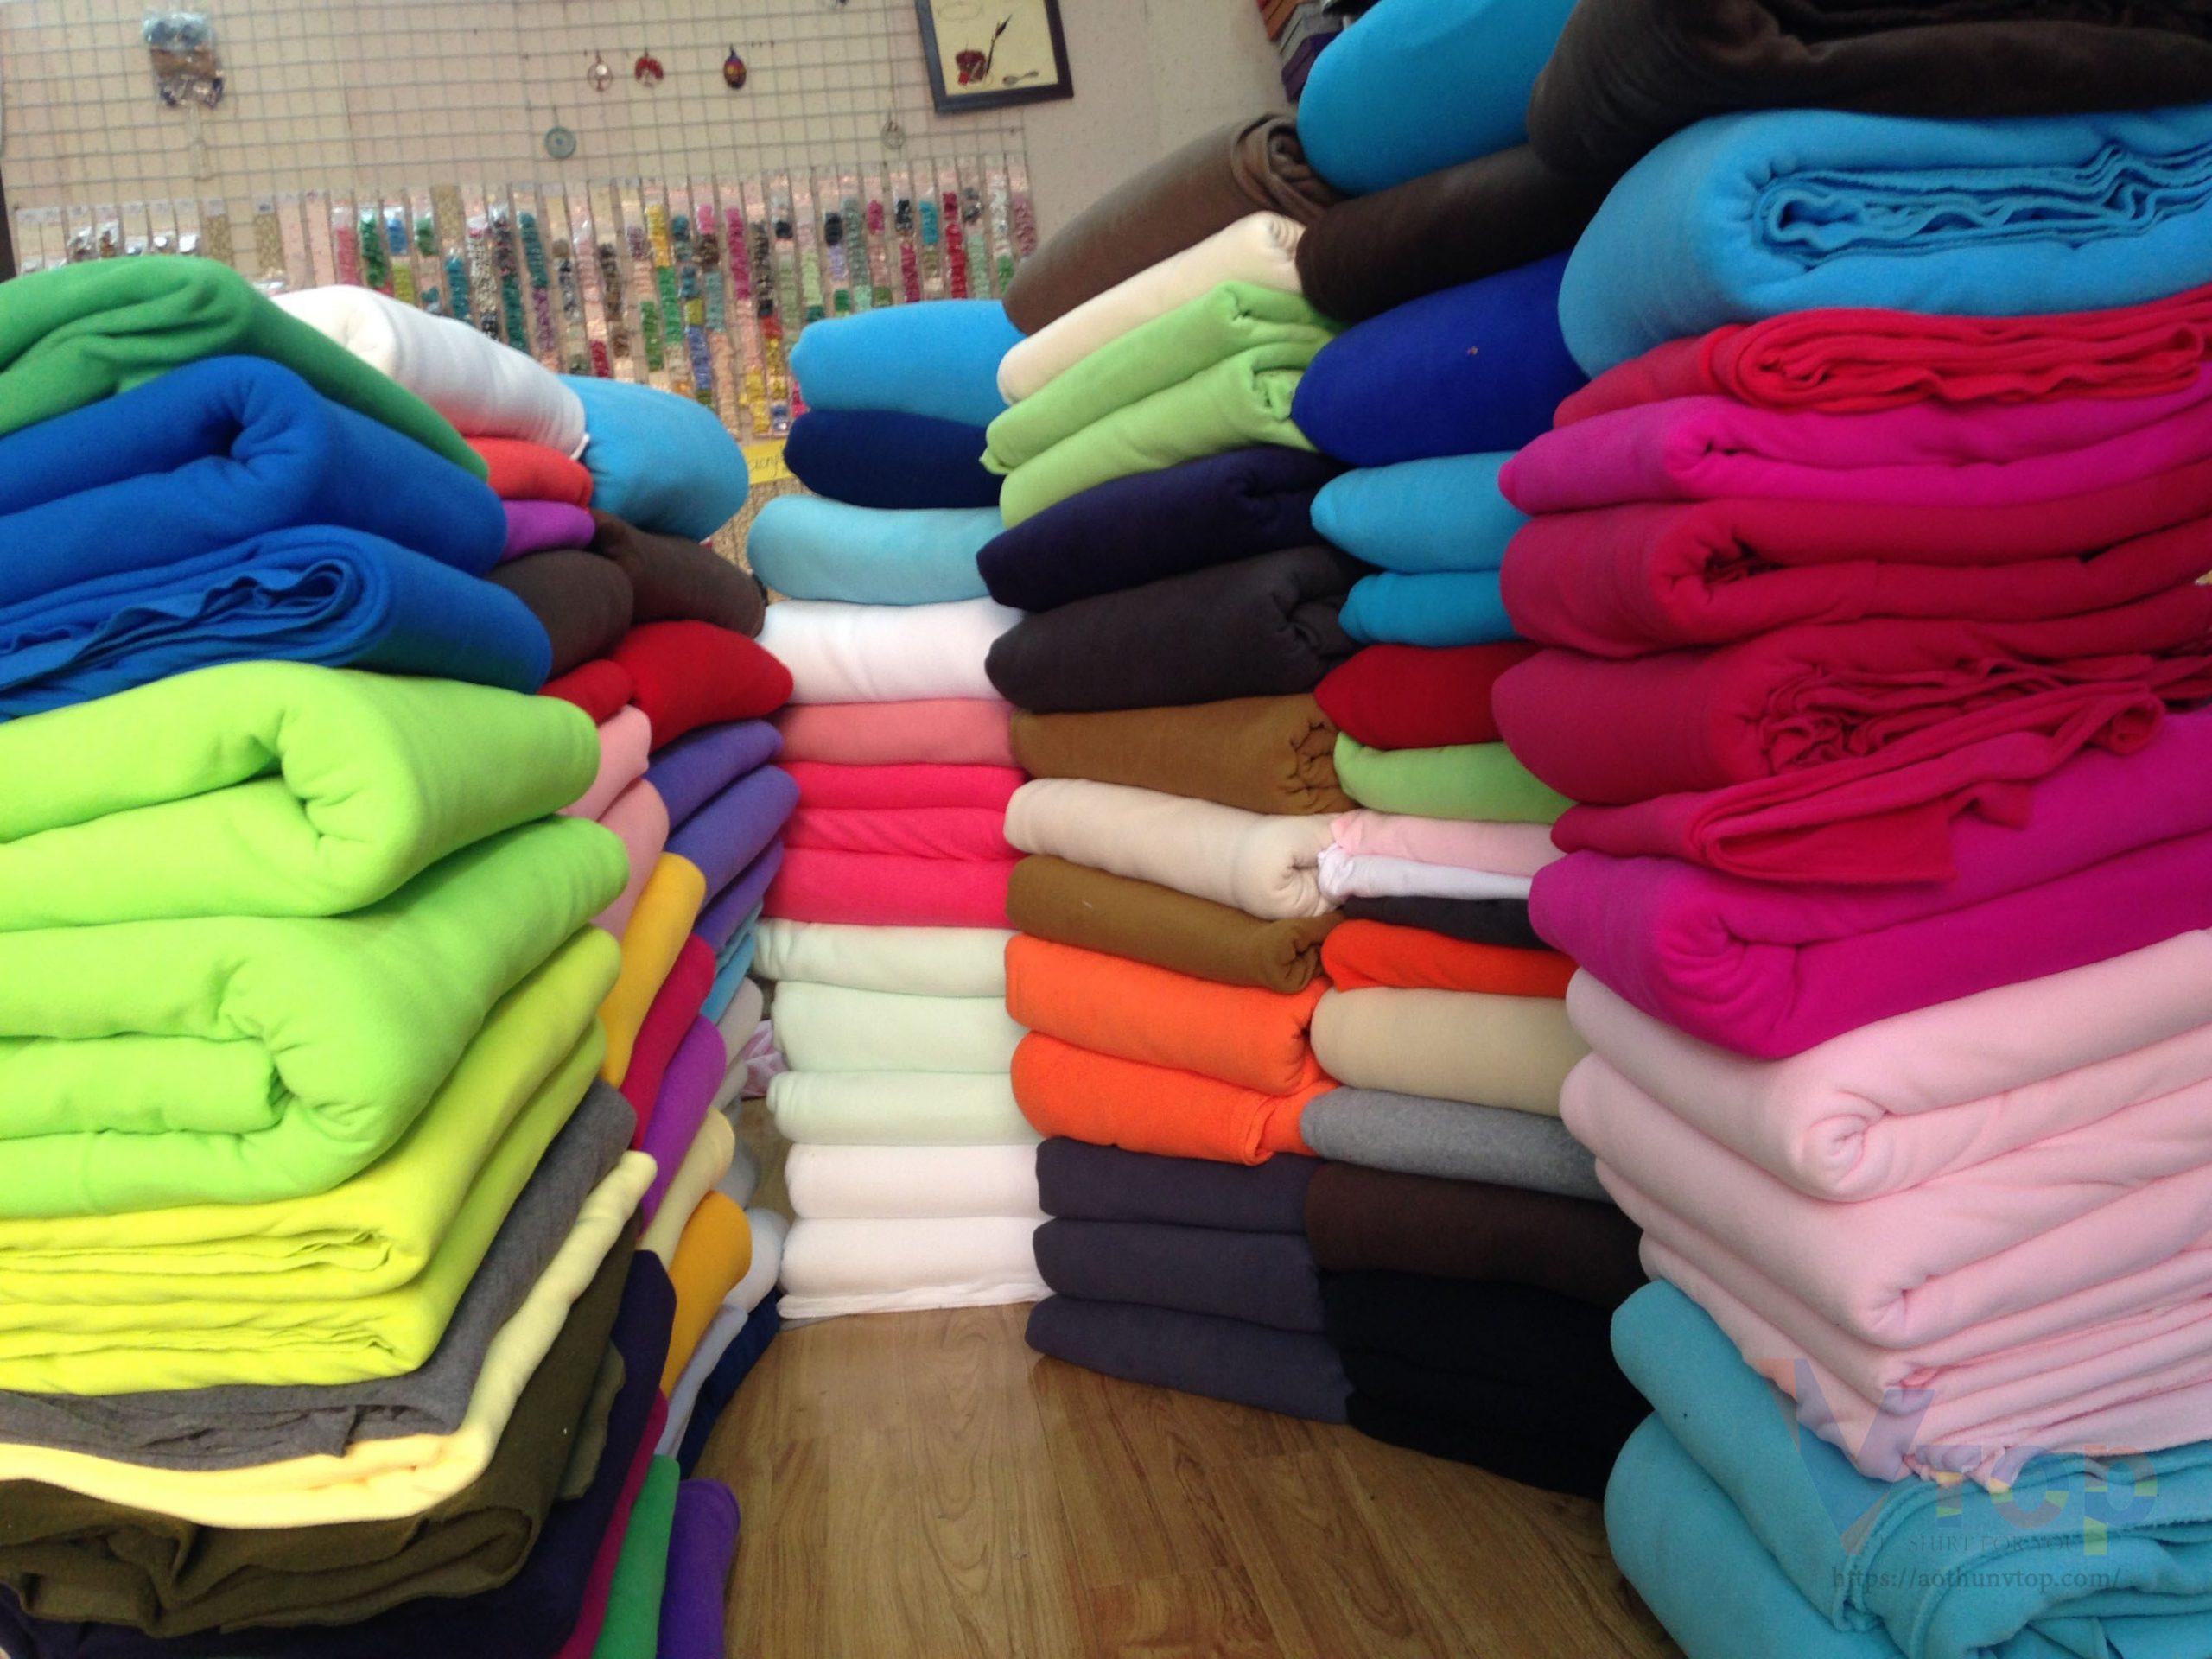 Phân biệt vải thun dựa vào tỉ lệ sợi cotton và sợi PE có trong vải